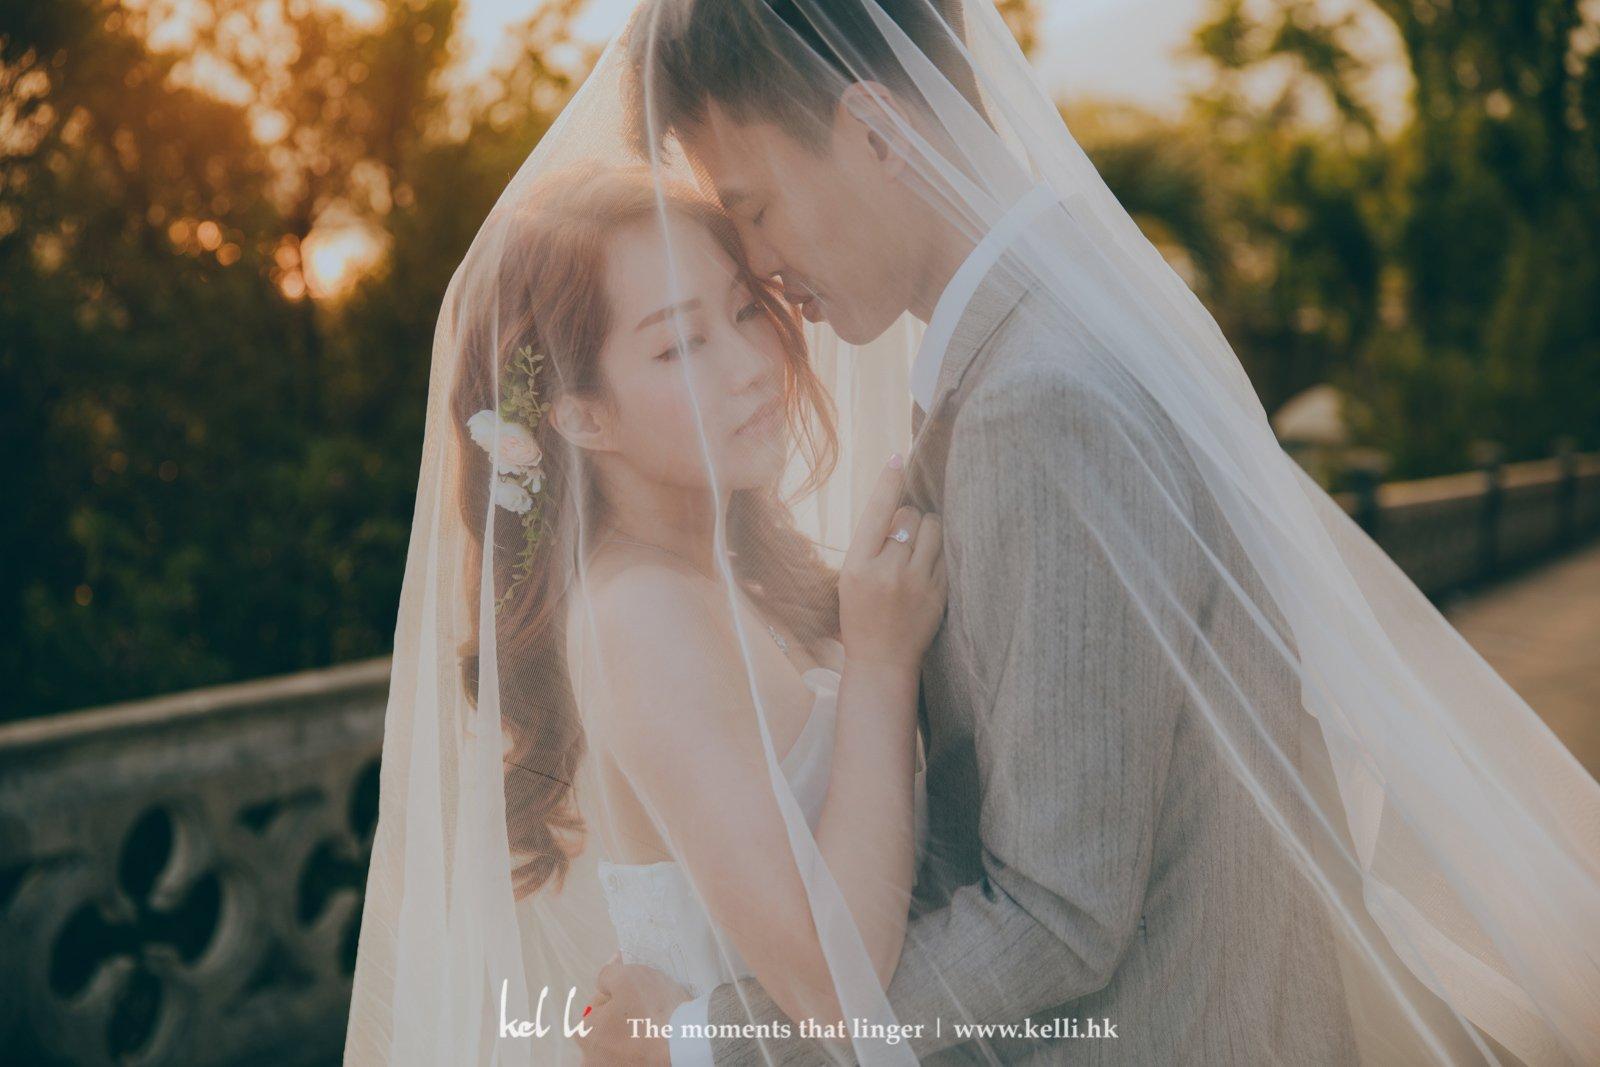 超美澳門日落,這種澳門婚紗照很溫暖